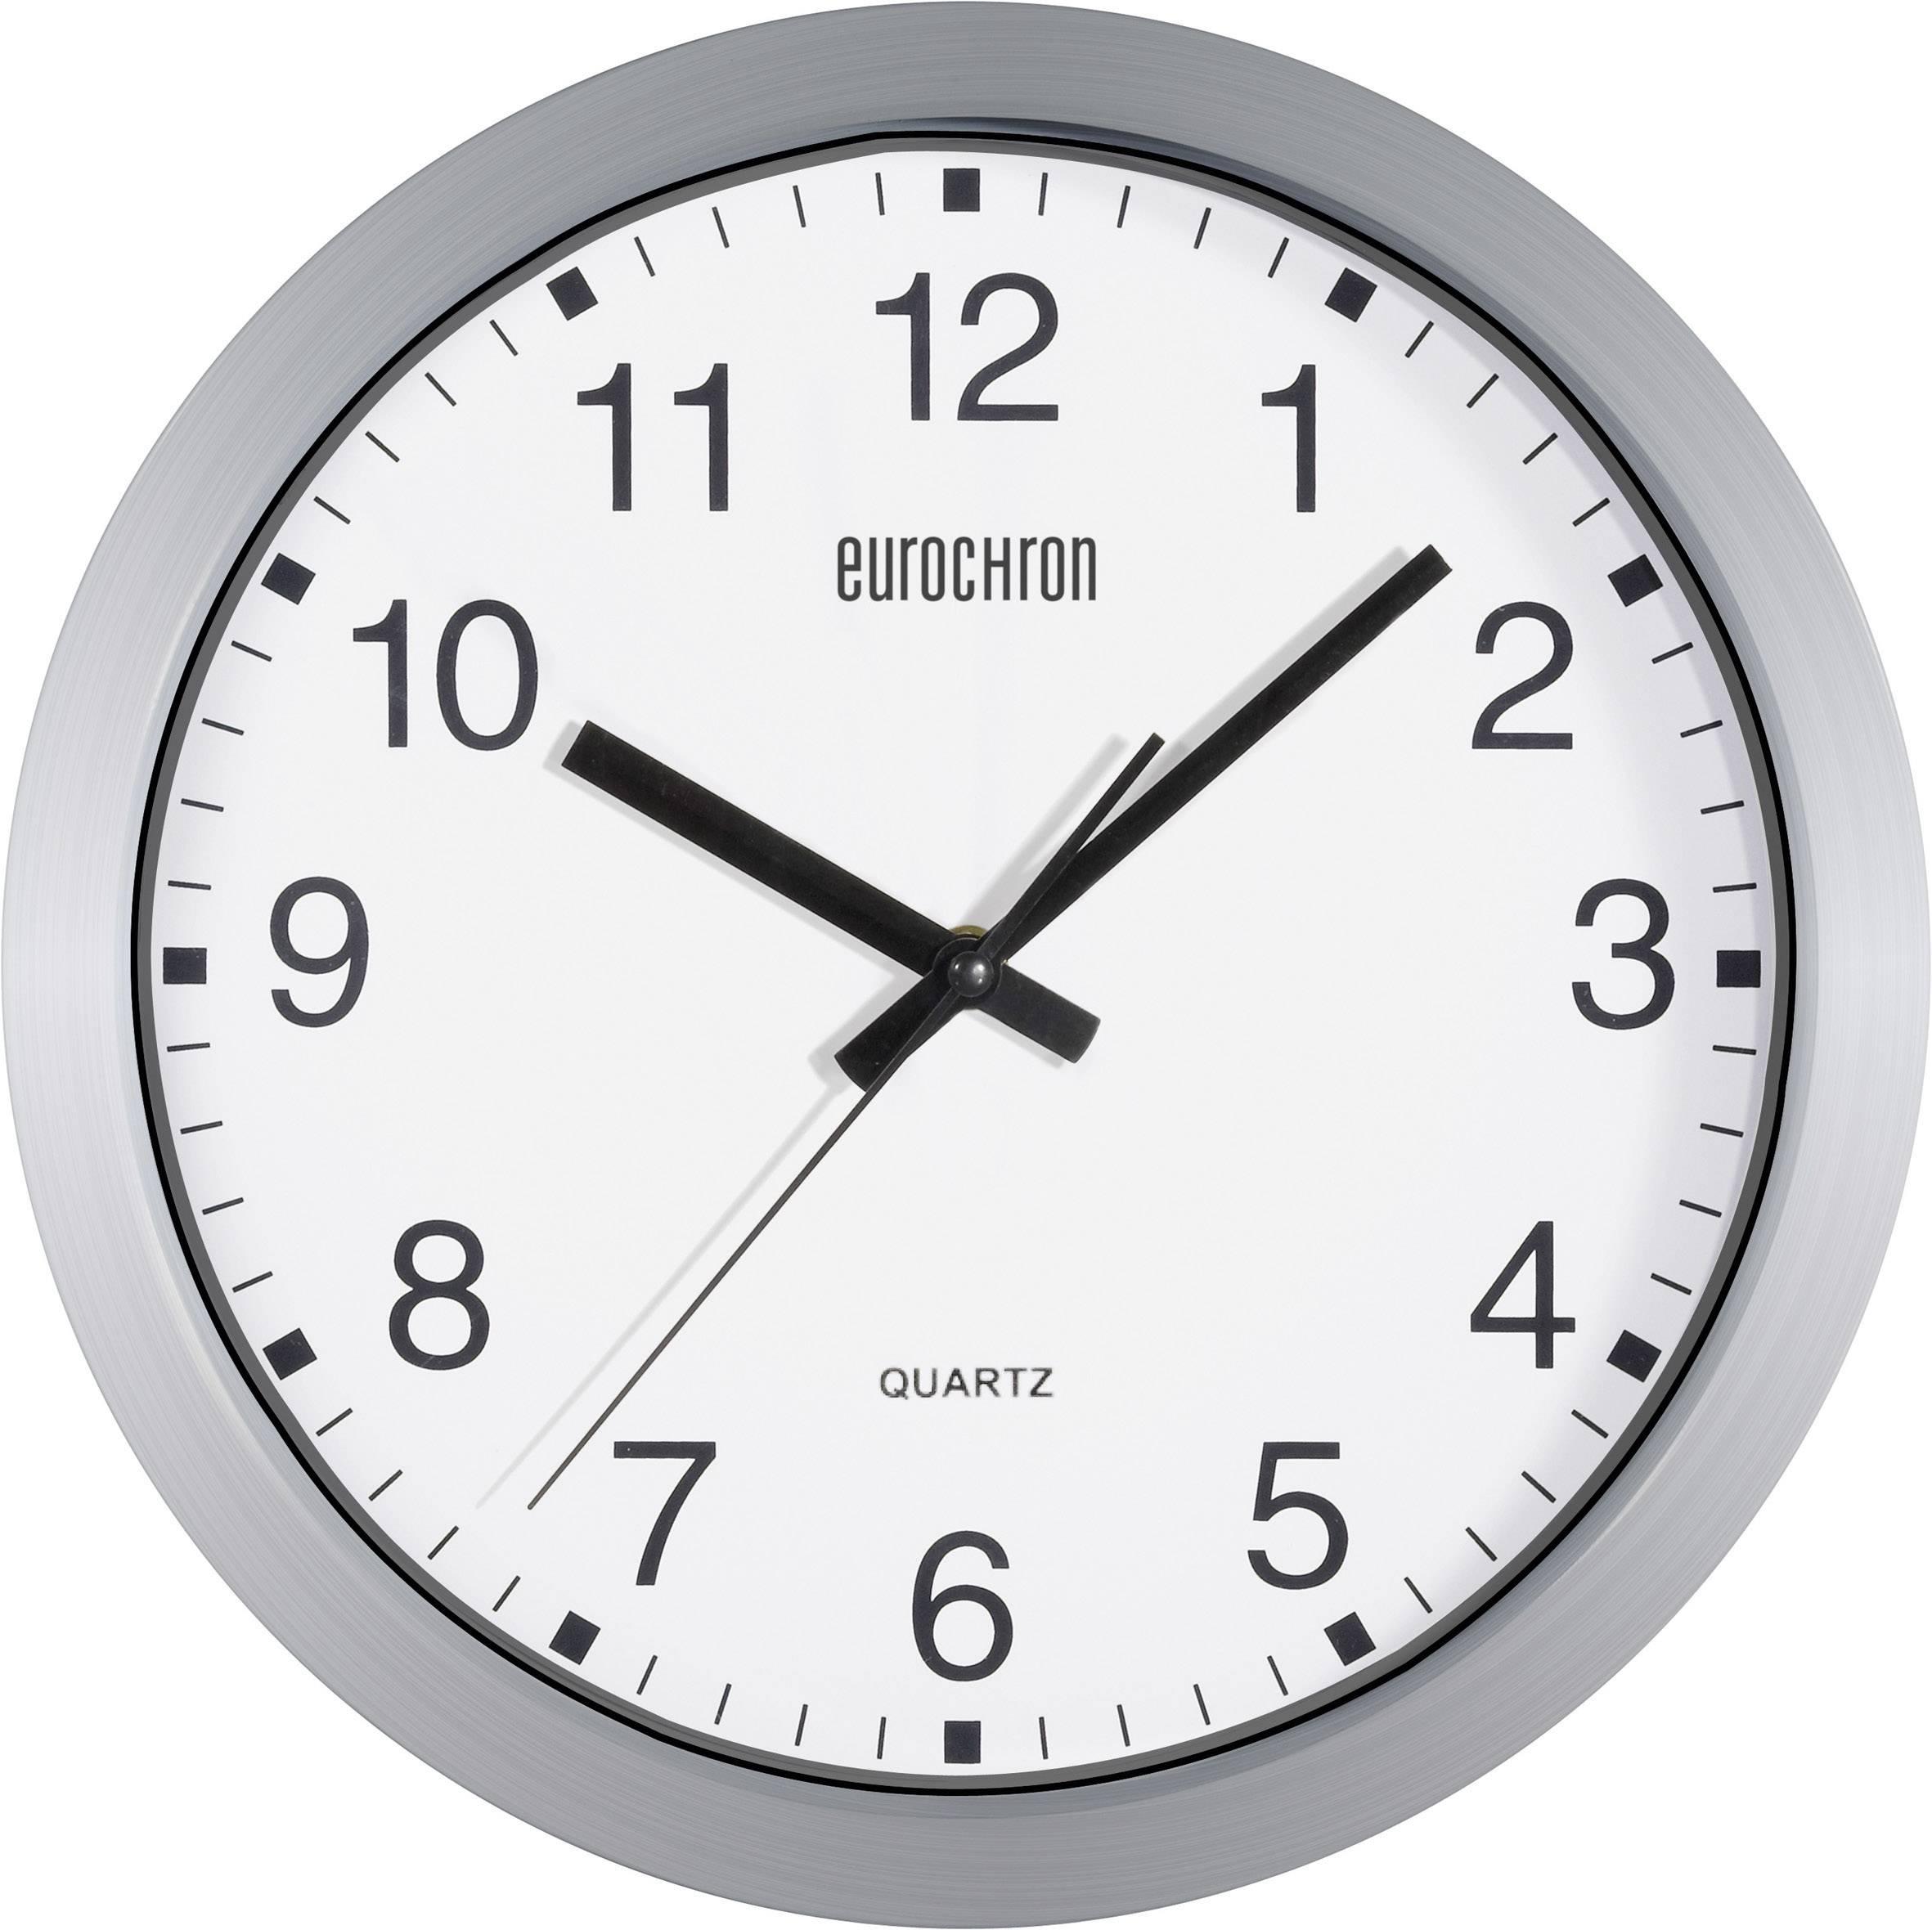 Analogové nástěnné hodiny Eurochron EQWU 880, 30 cm, stříbrná